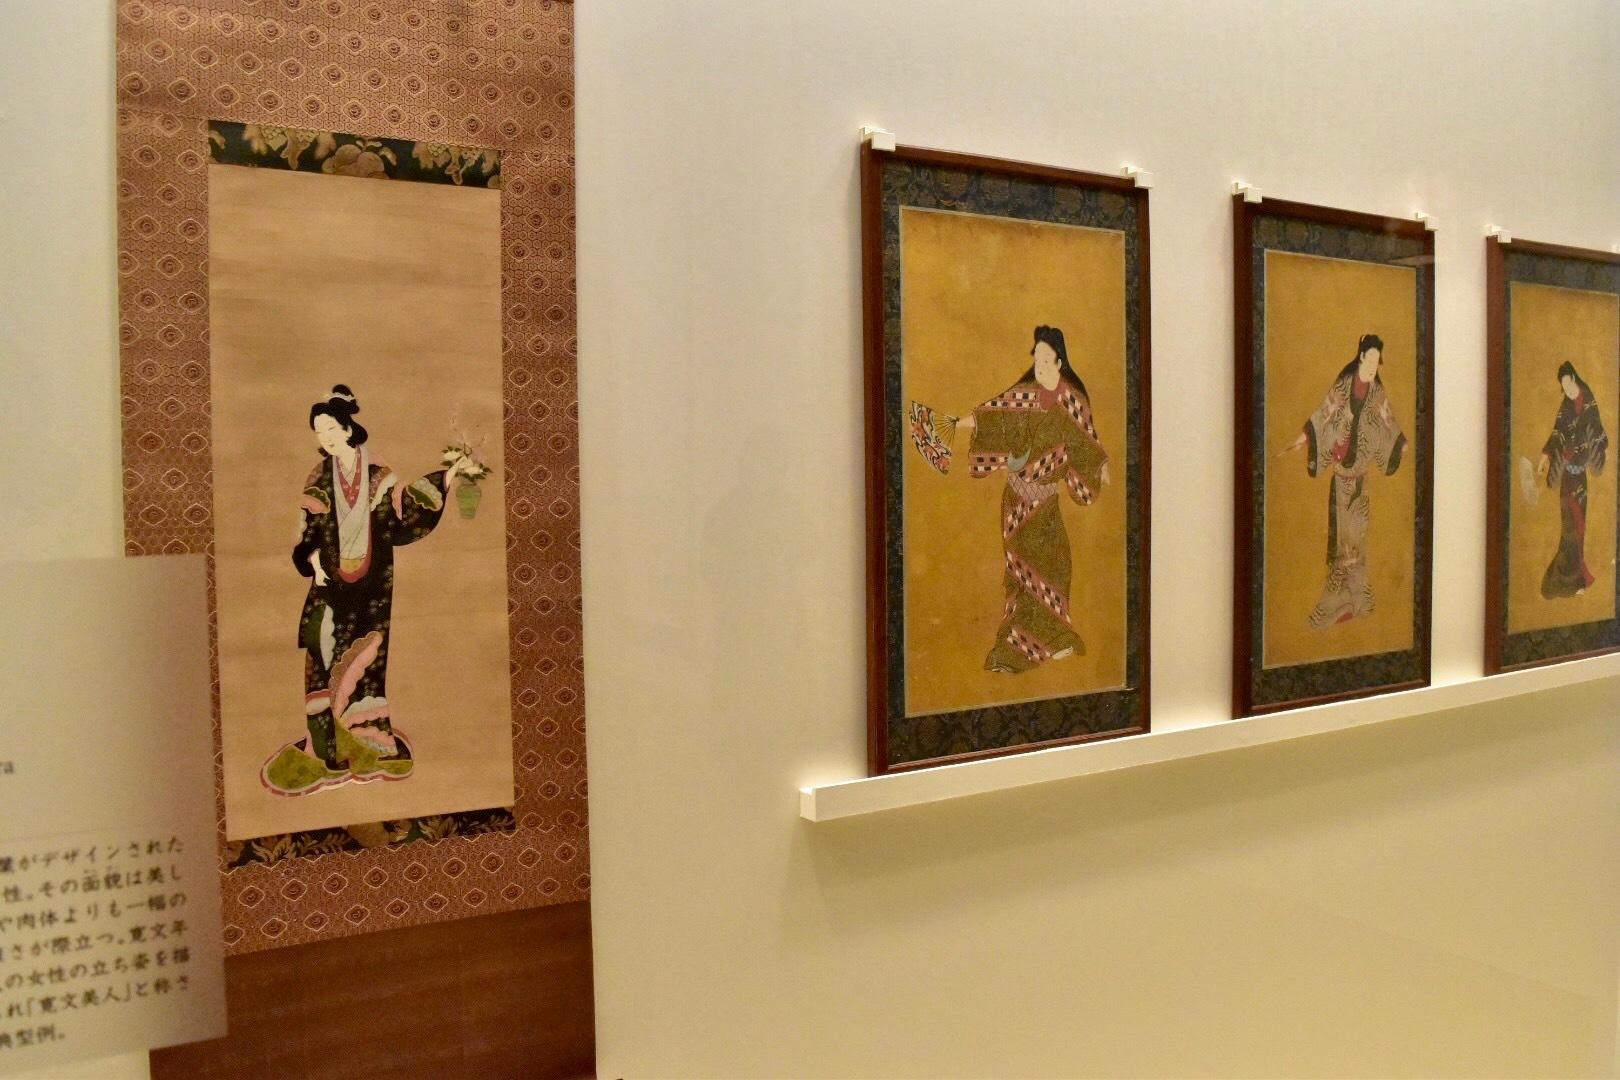 左:《寛文美人図》江戸時代 個人蔵 右:《舞踊図》(重要美術品)江戸時代 サントリー美術館蔵